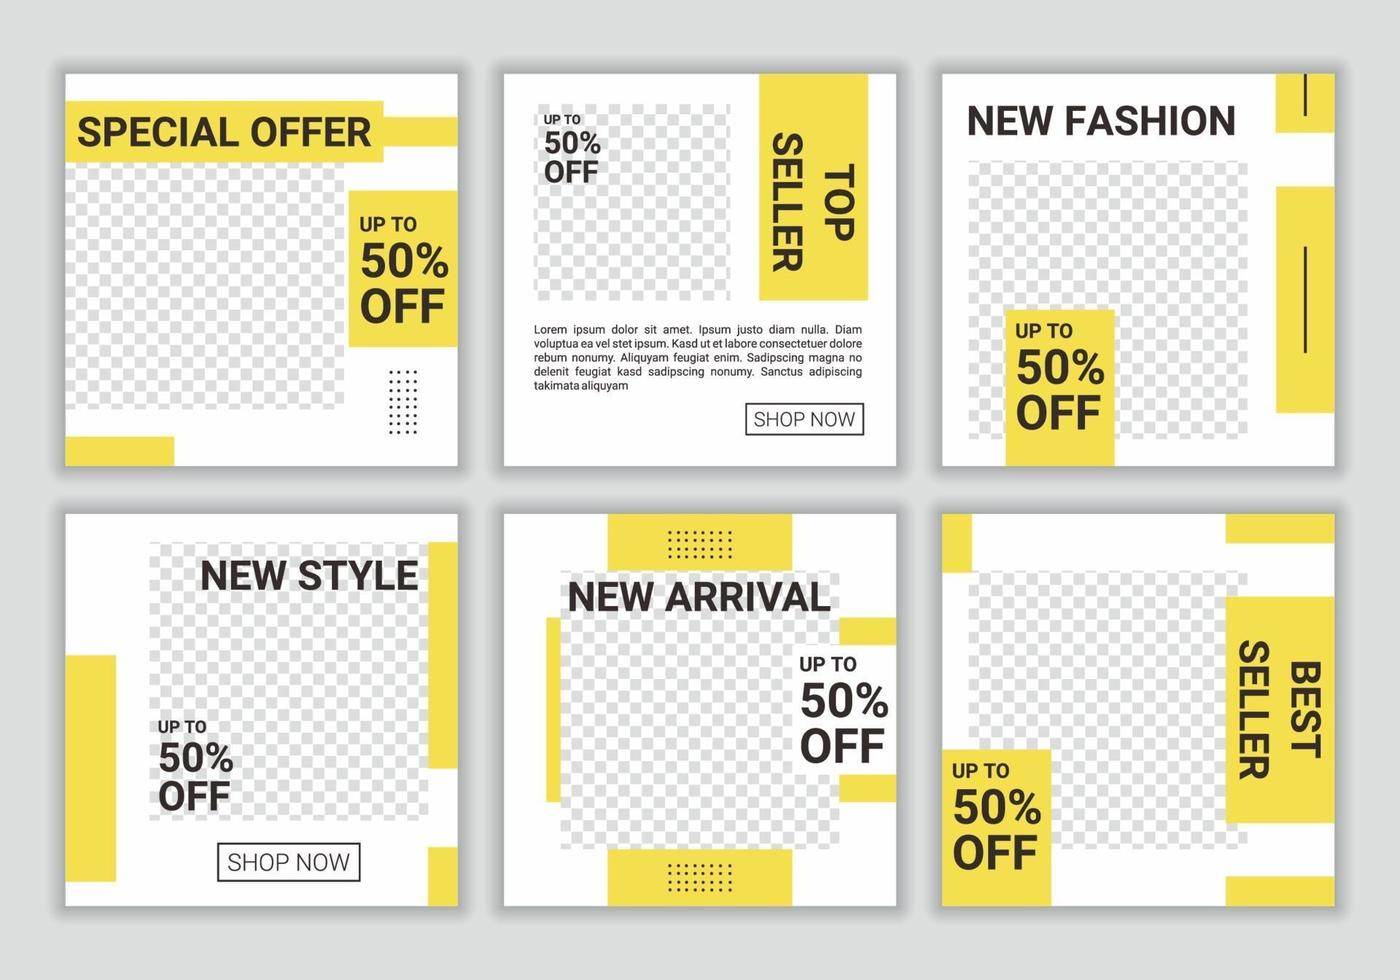 uppsättning färgglada sociala medier postmall, promo, rabatt, försäljning. redigerbara samlingsbakgrunder med gul och vit färgkombination. vektor illustration. vem som helst kan enkelt använda denna design.